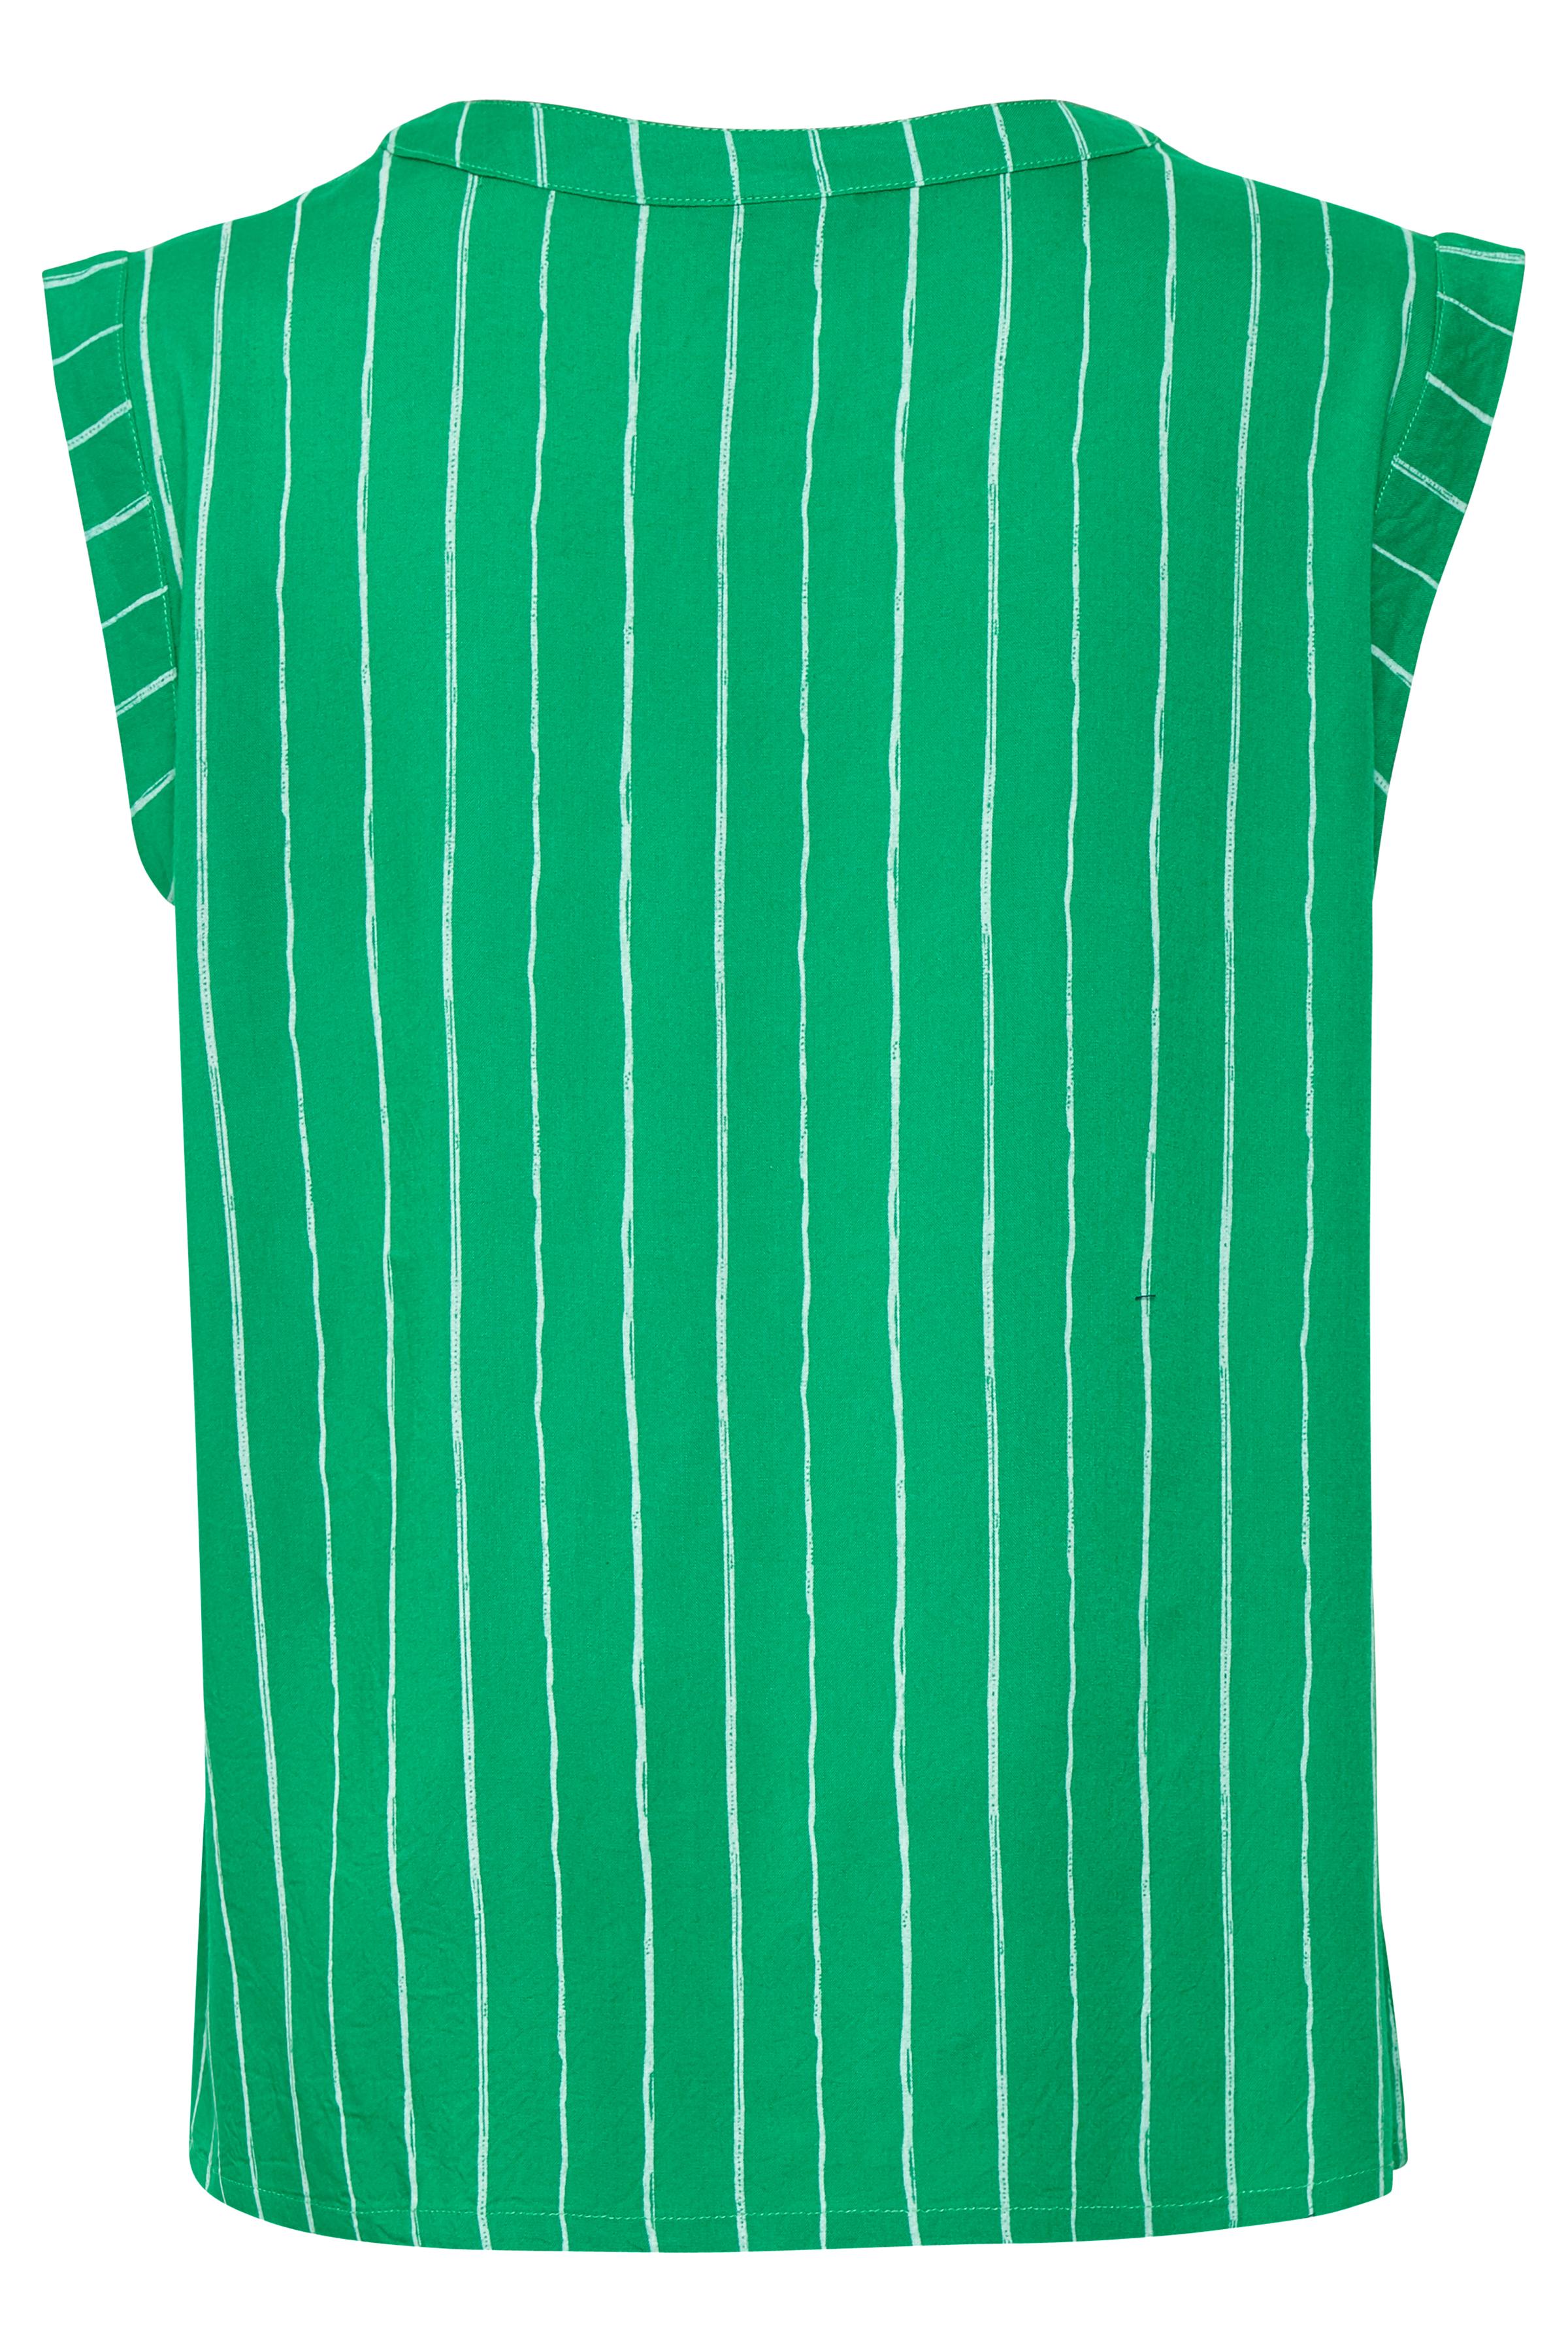 Grøn/hvid Top fra Kaffe – Køb Grøn/hvid Top fra str. 34-46 her